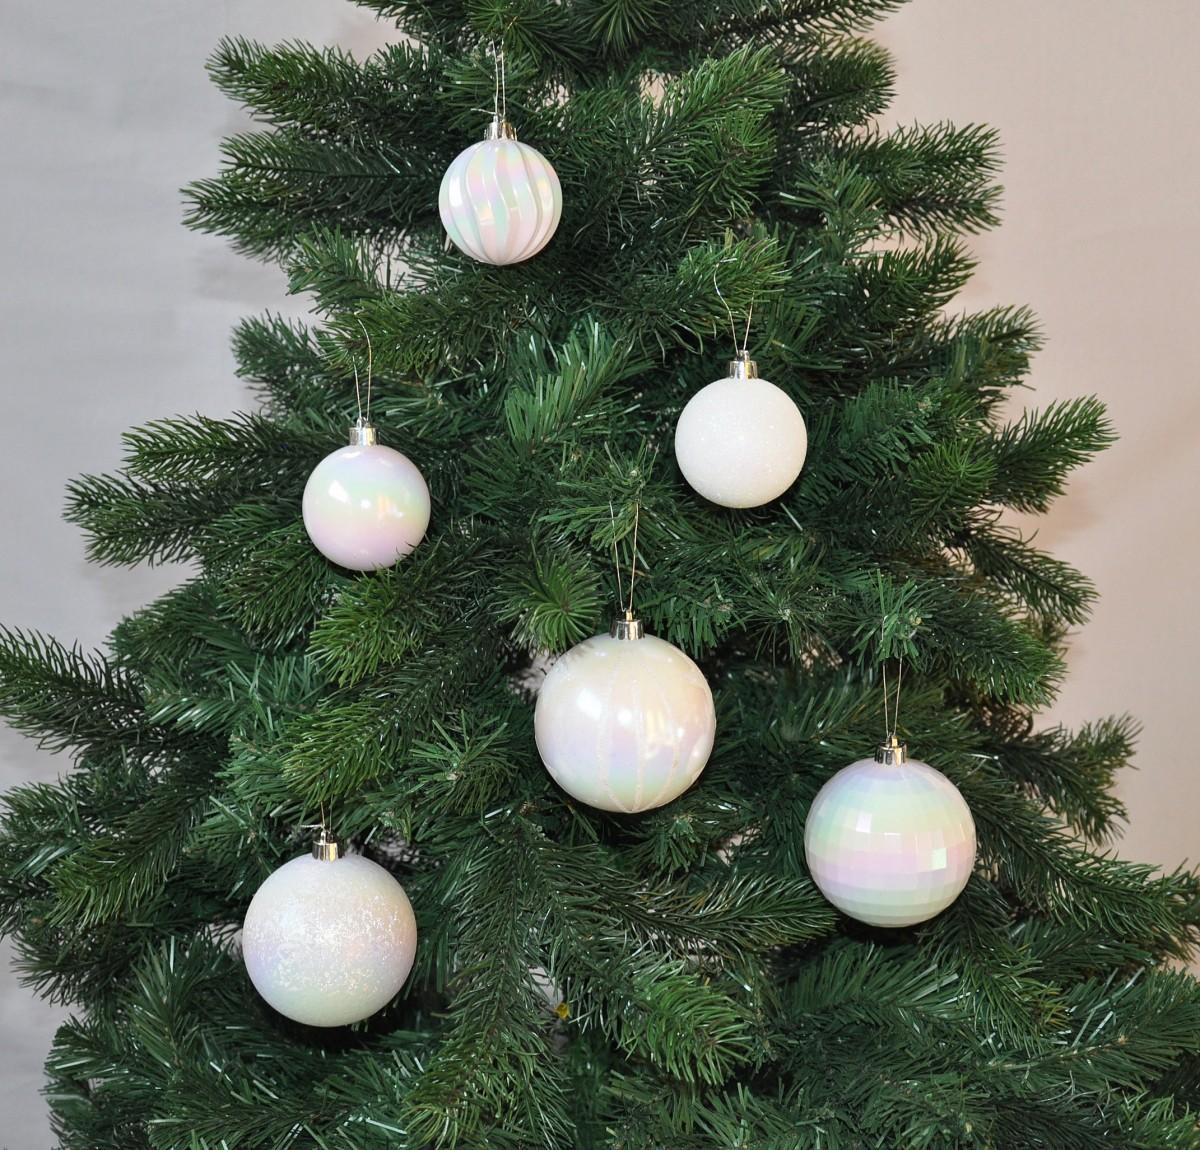 30x christbaumkugeln 6 8 cm kunststoff matt glanz glitzer braun lila pink weihnachten. Black Bedroom Furniture Sets. Home Design Ideas